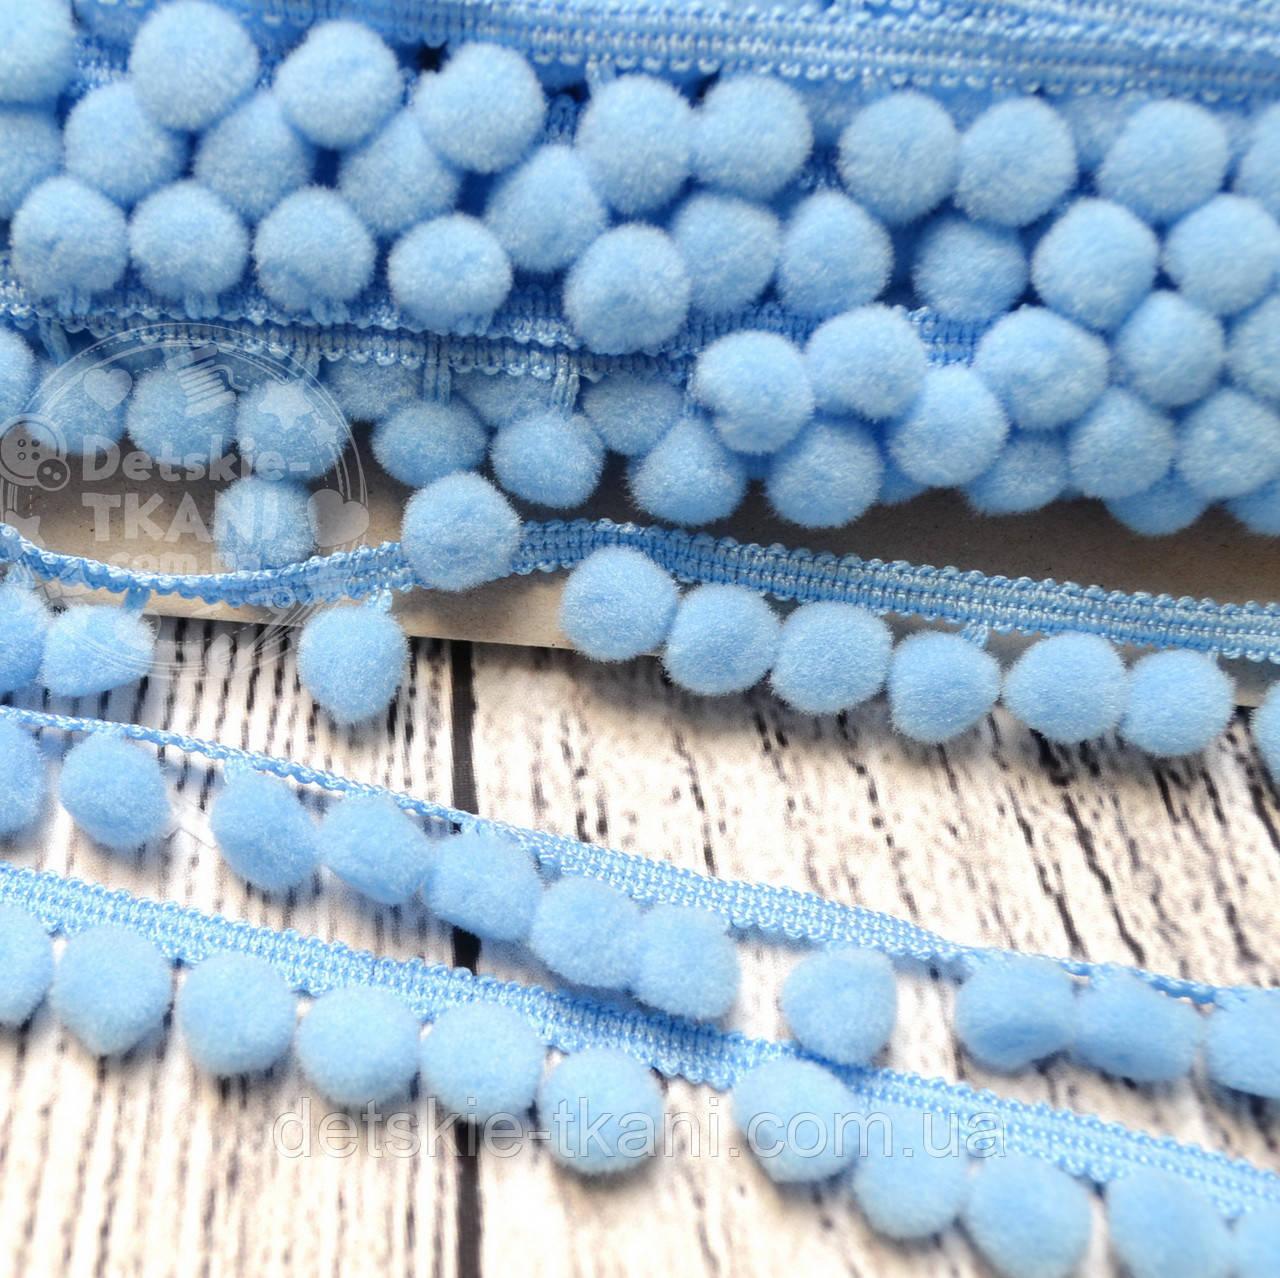 Тесьма с помпонами 10 мм голубого цвета (Польша)